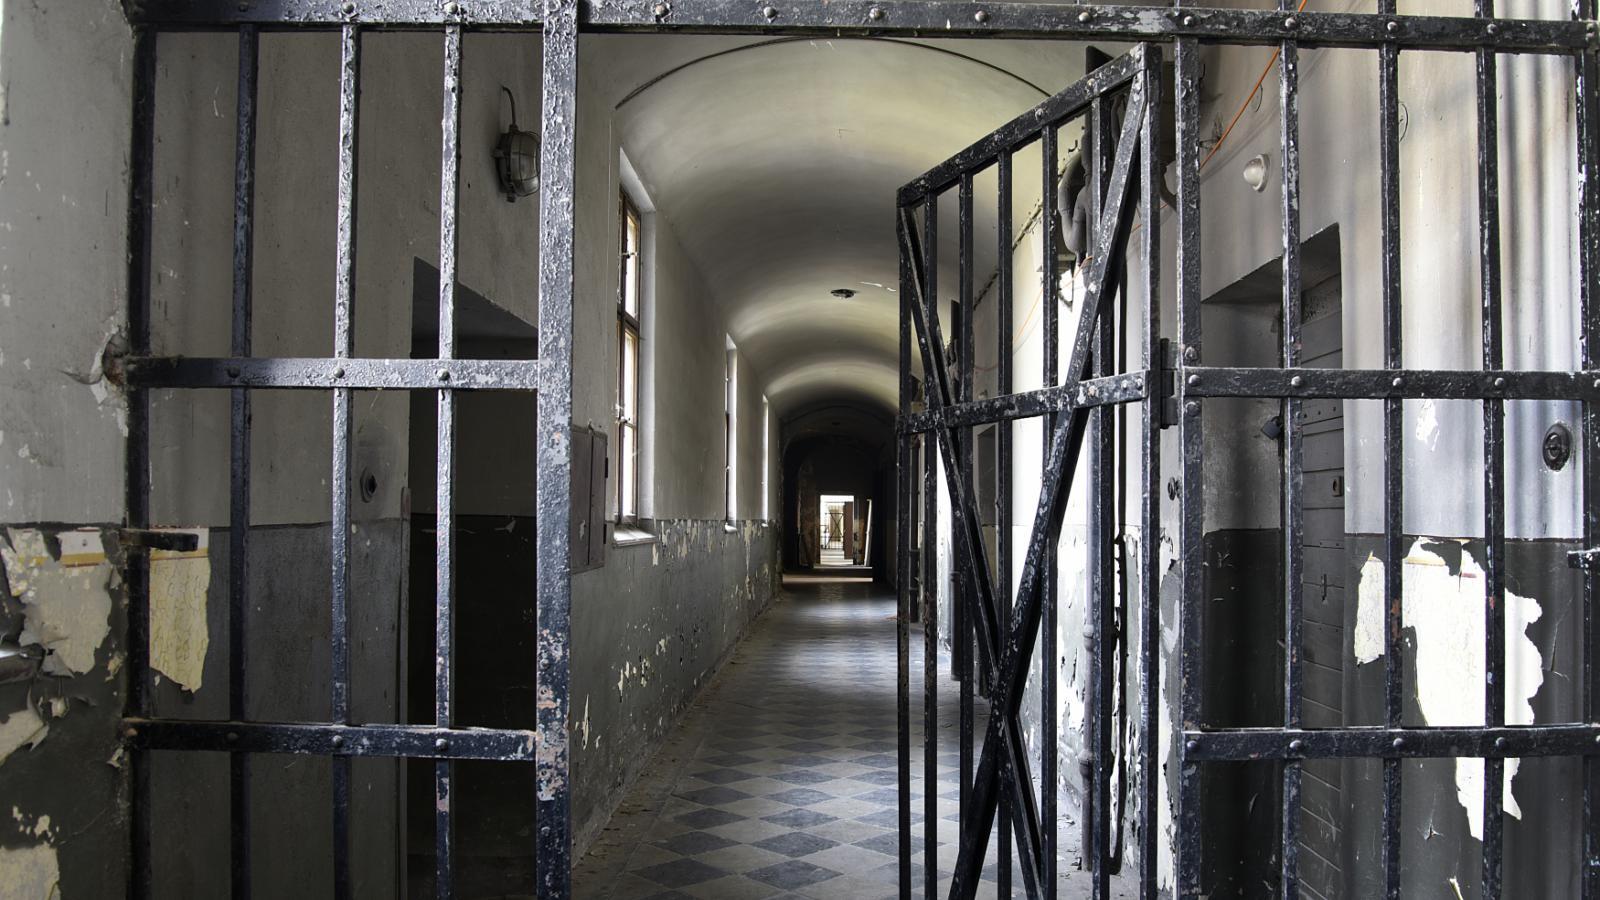 Cely ve věznici v Uherském Hradišti